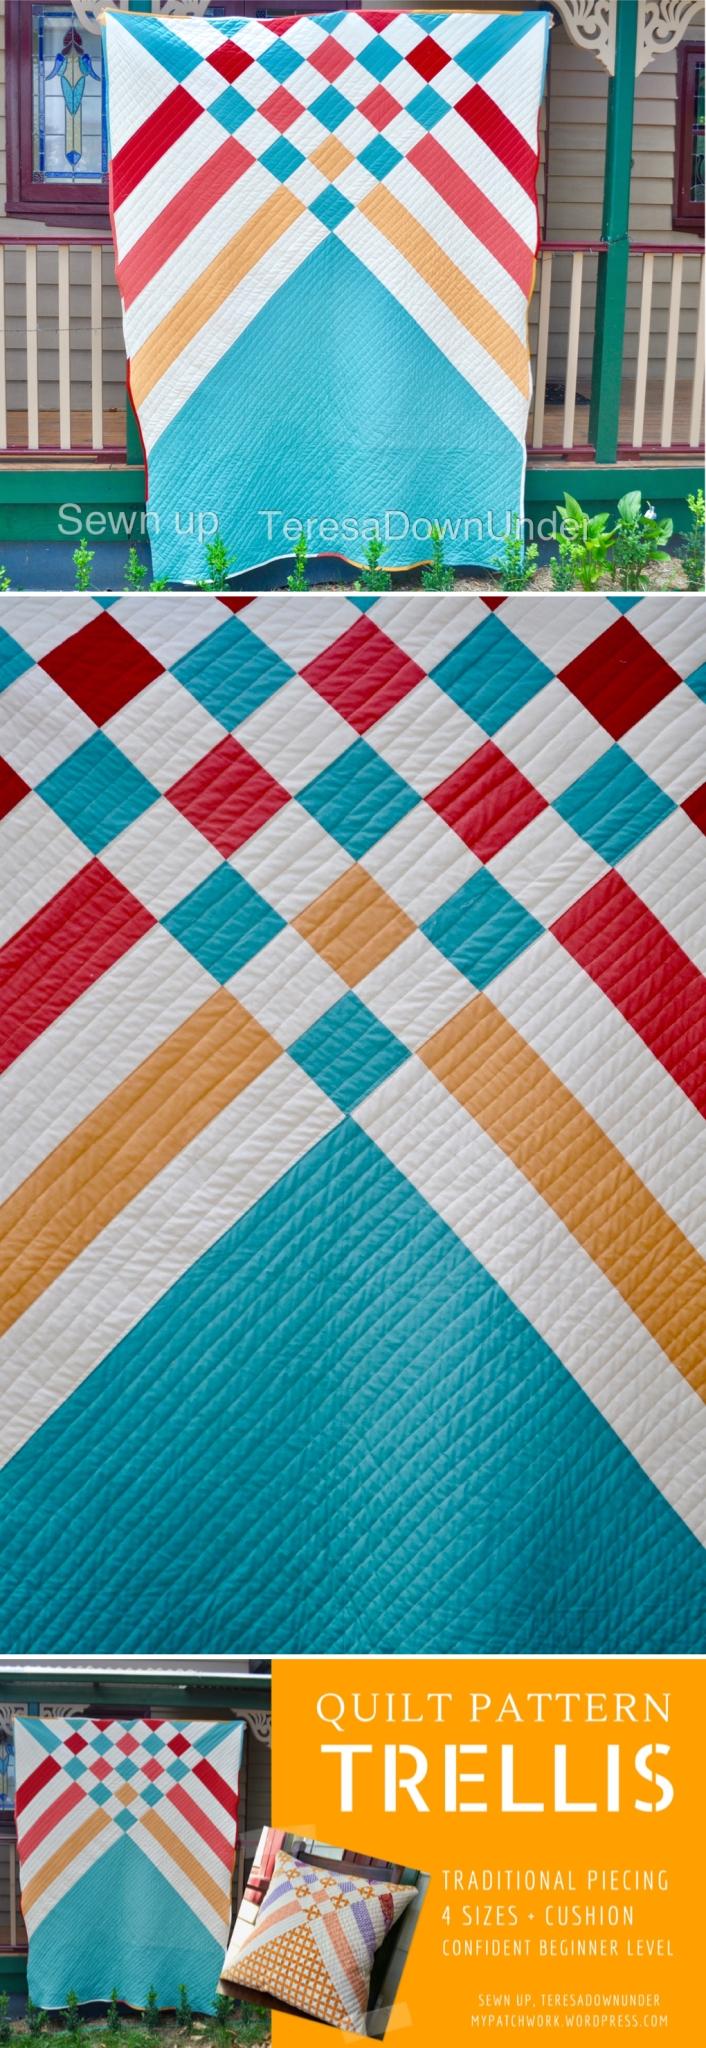 Trellis quilt pattern, modern beginner quilt in 5 sizes